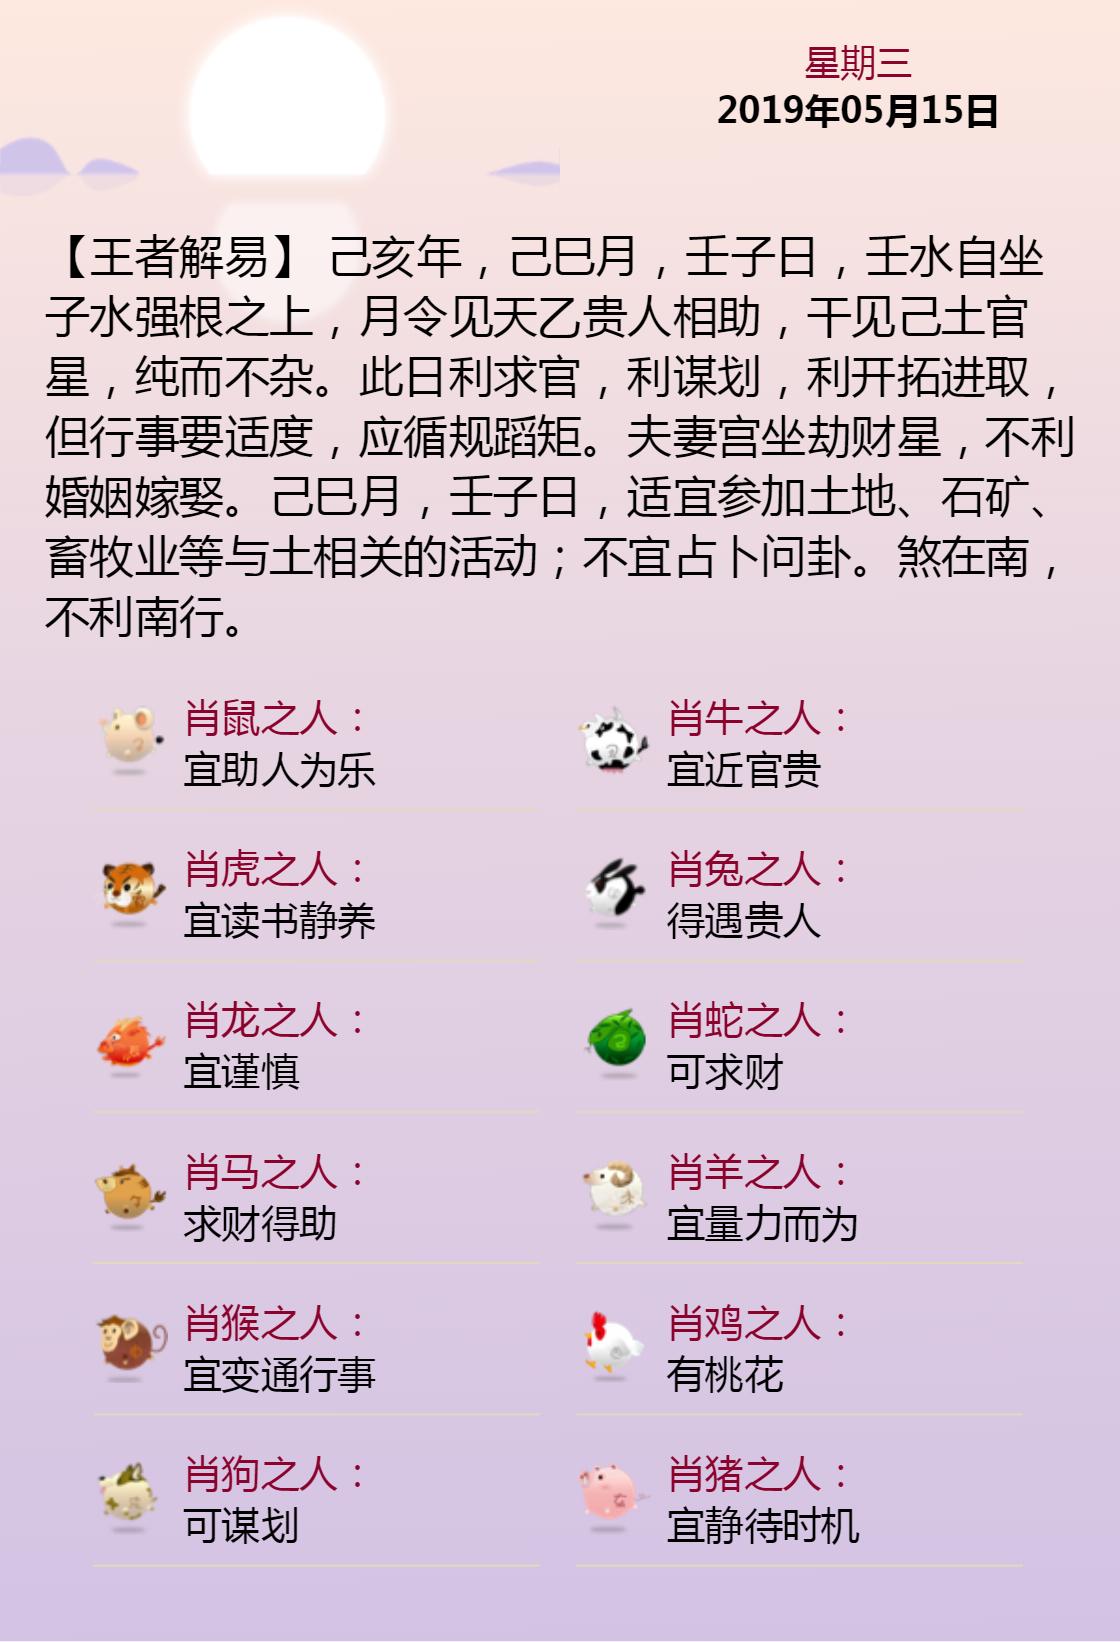 黄历海报20190515.png